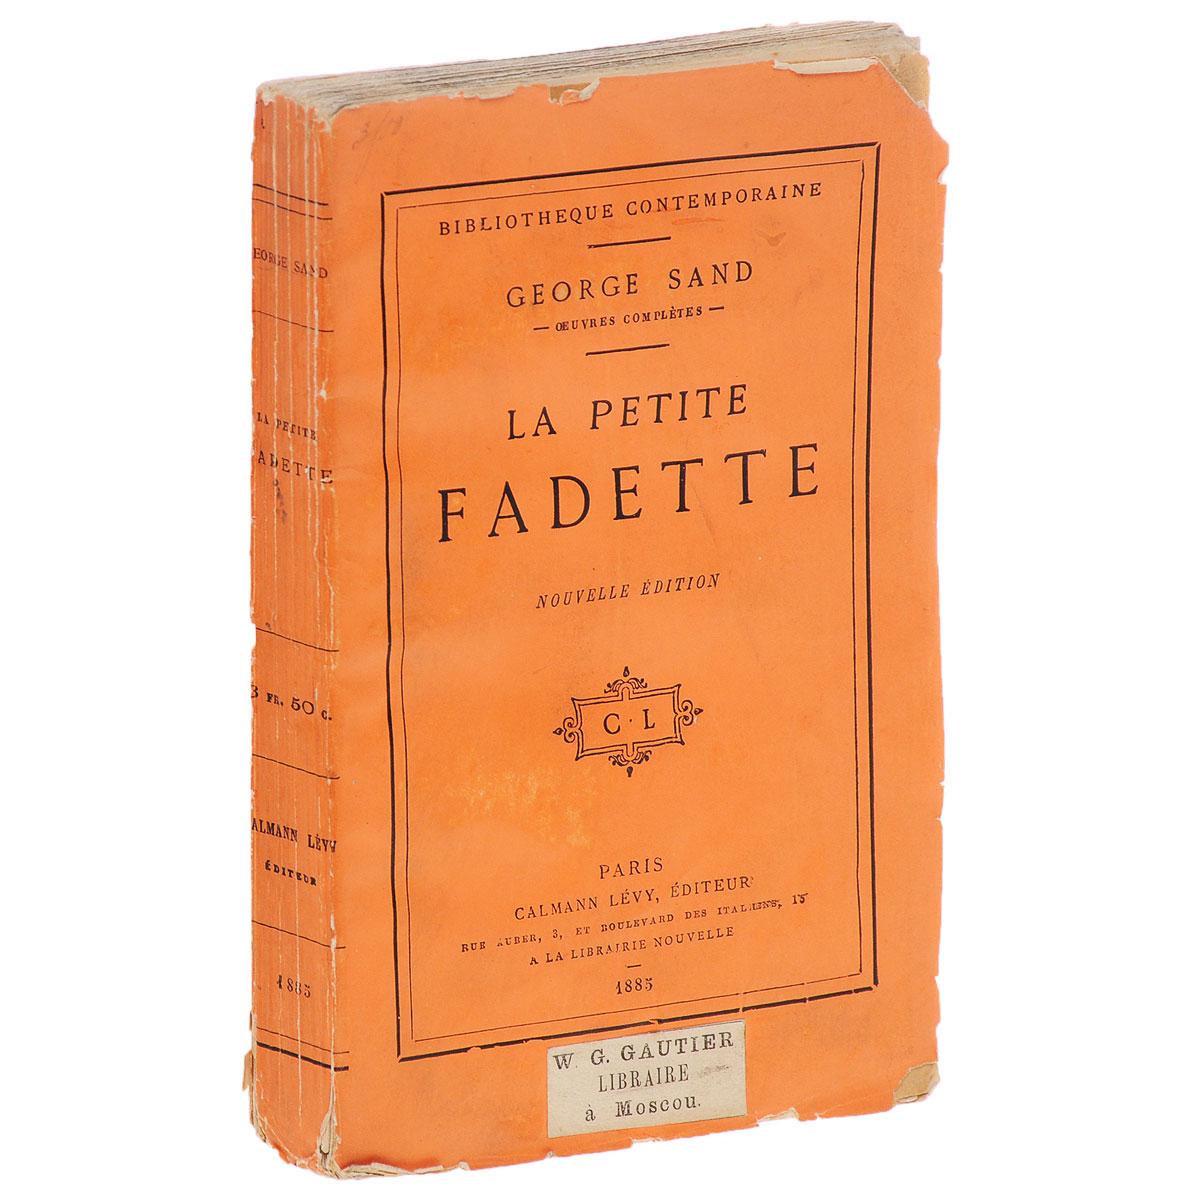 La Petite Fadette135_синий,зеленыйПариж, 1885 год. Calmann Levy, Editeur. Издательский переплет. Сохранность хорошая. Сохранена оригинальная обложка. Предлагаем вашему вниманию знаменитую историю Жоржа Санда о маленькой Фадетте на французском языке. Про Фадетту думают: уж не колдунья ли она? Ведь ей известны секреты лечебных трав, и она не боится блуждающих огней. У нее дерзкий характер, но в то же время она хитра и озорна. В деревне Фадетту не любят все, включая близнецов Ландри и Сильвена Барбо. Но однажды, оказав услугу Ландри, она берет с него слово, что он пригласит ее танцевать на деревенском празднике... Издание не подлежит вывозу за пределы Российской Федерации.